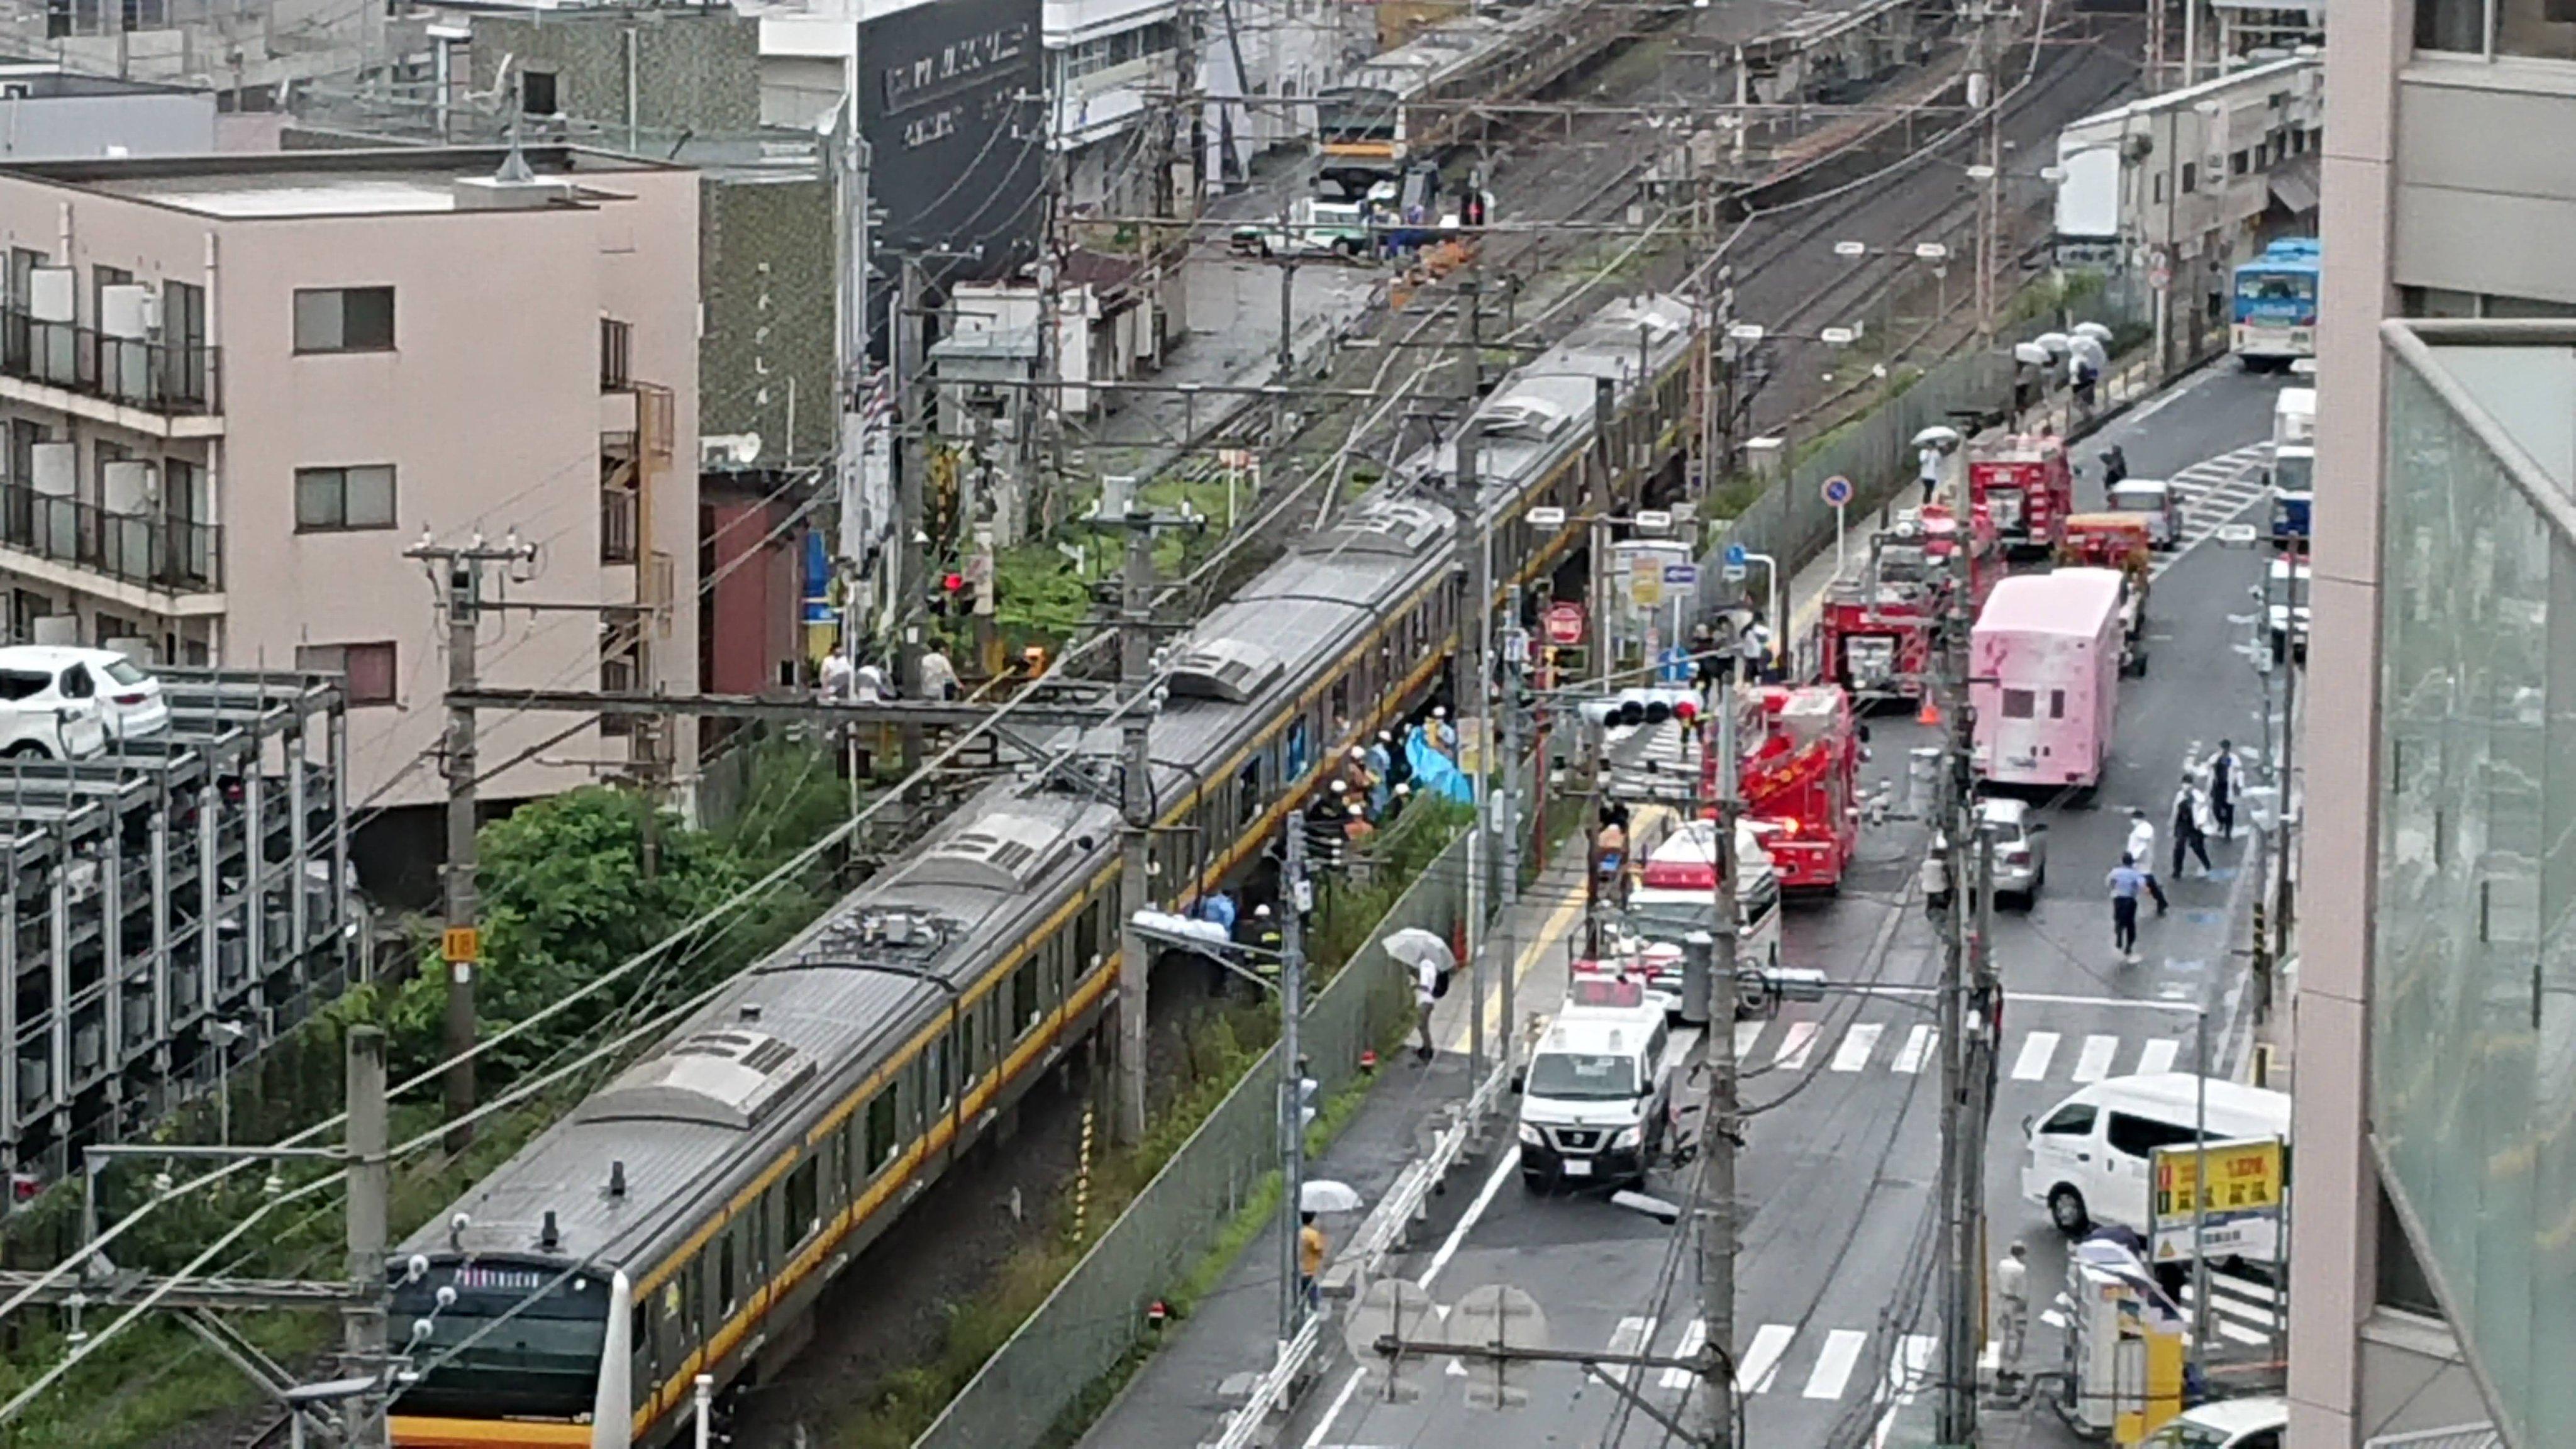 武蔵溝ノ口駅付近の人身事故現場の画像